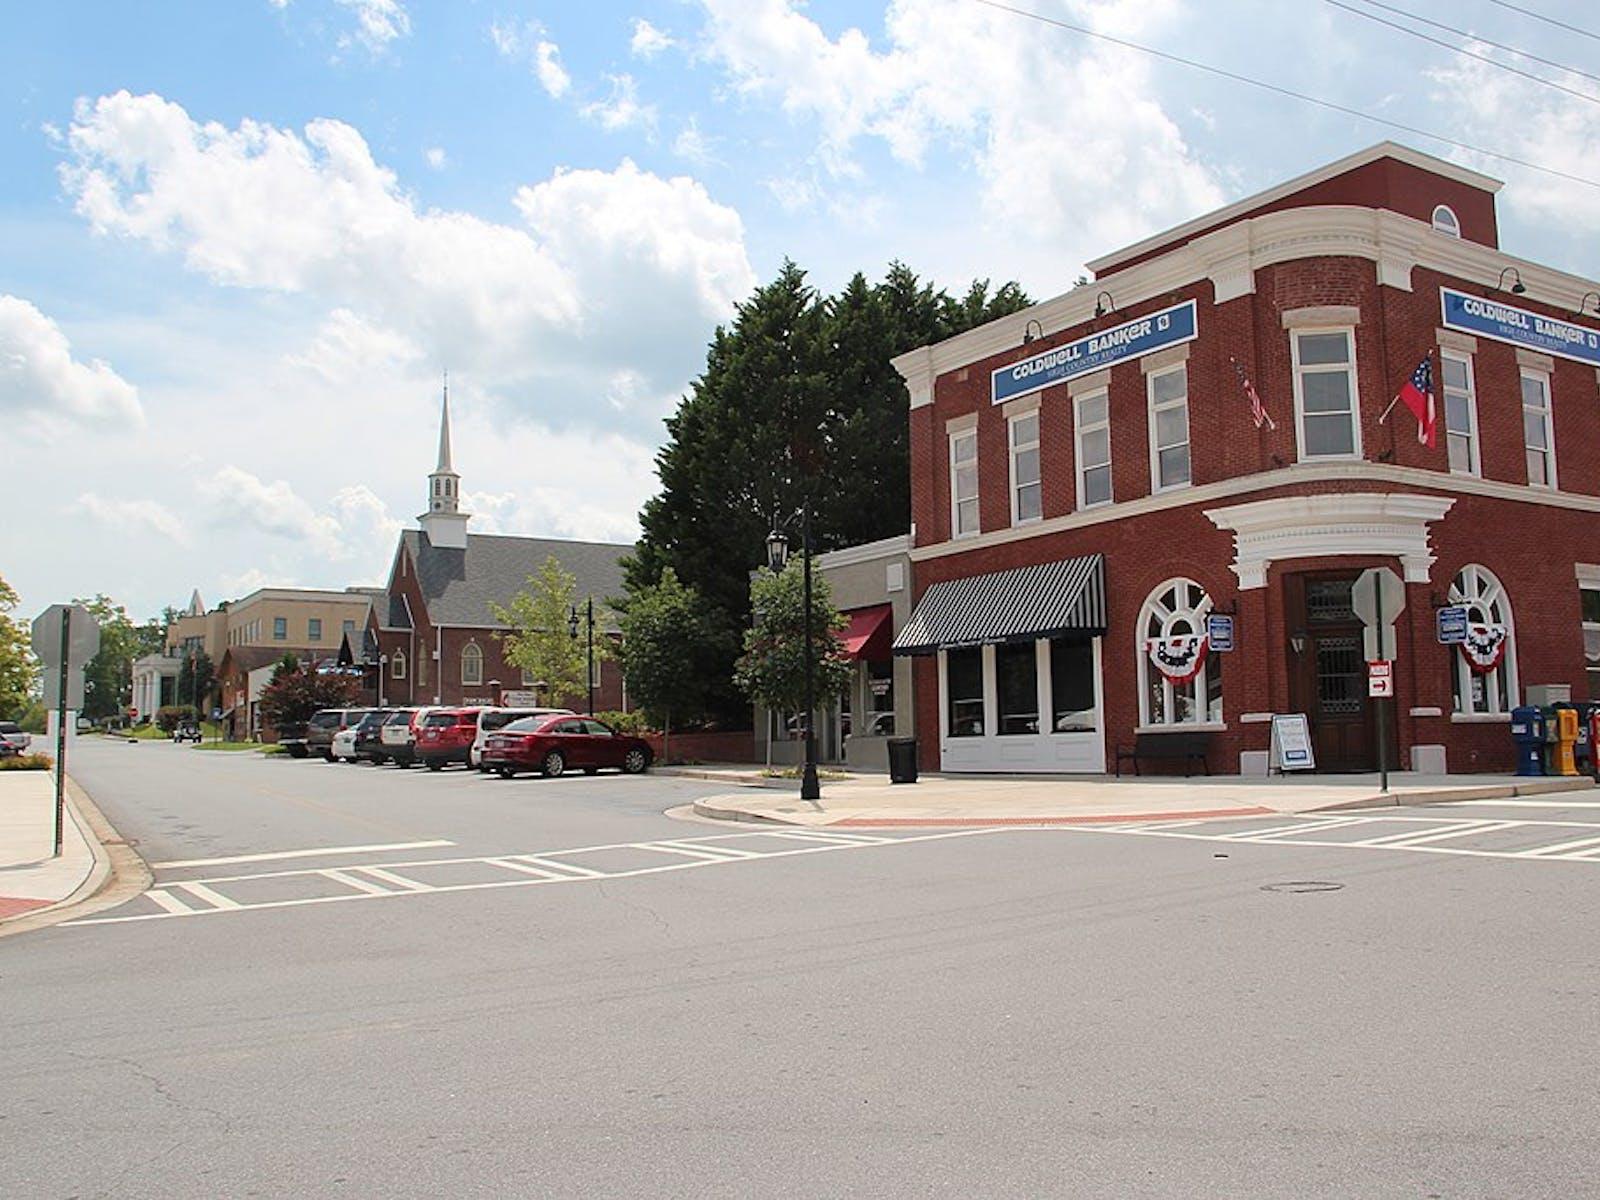 downtown Blue Ridge, GA